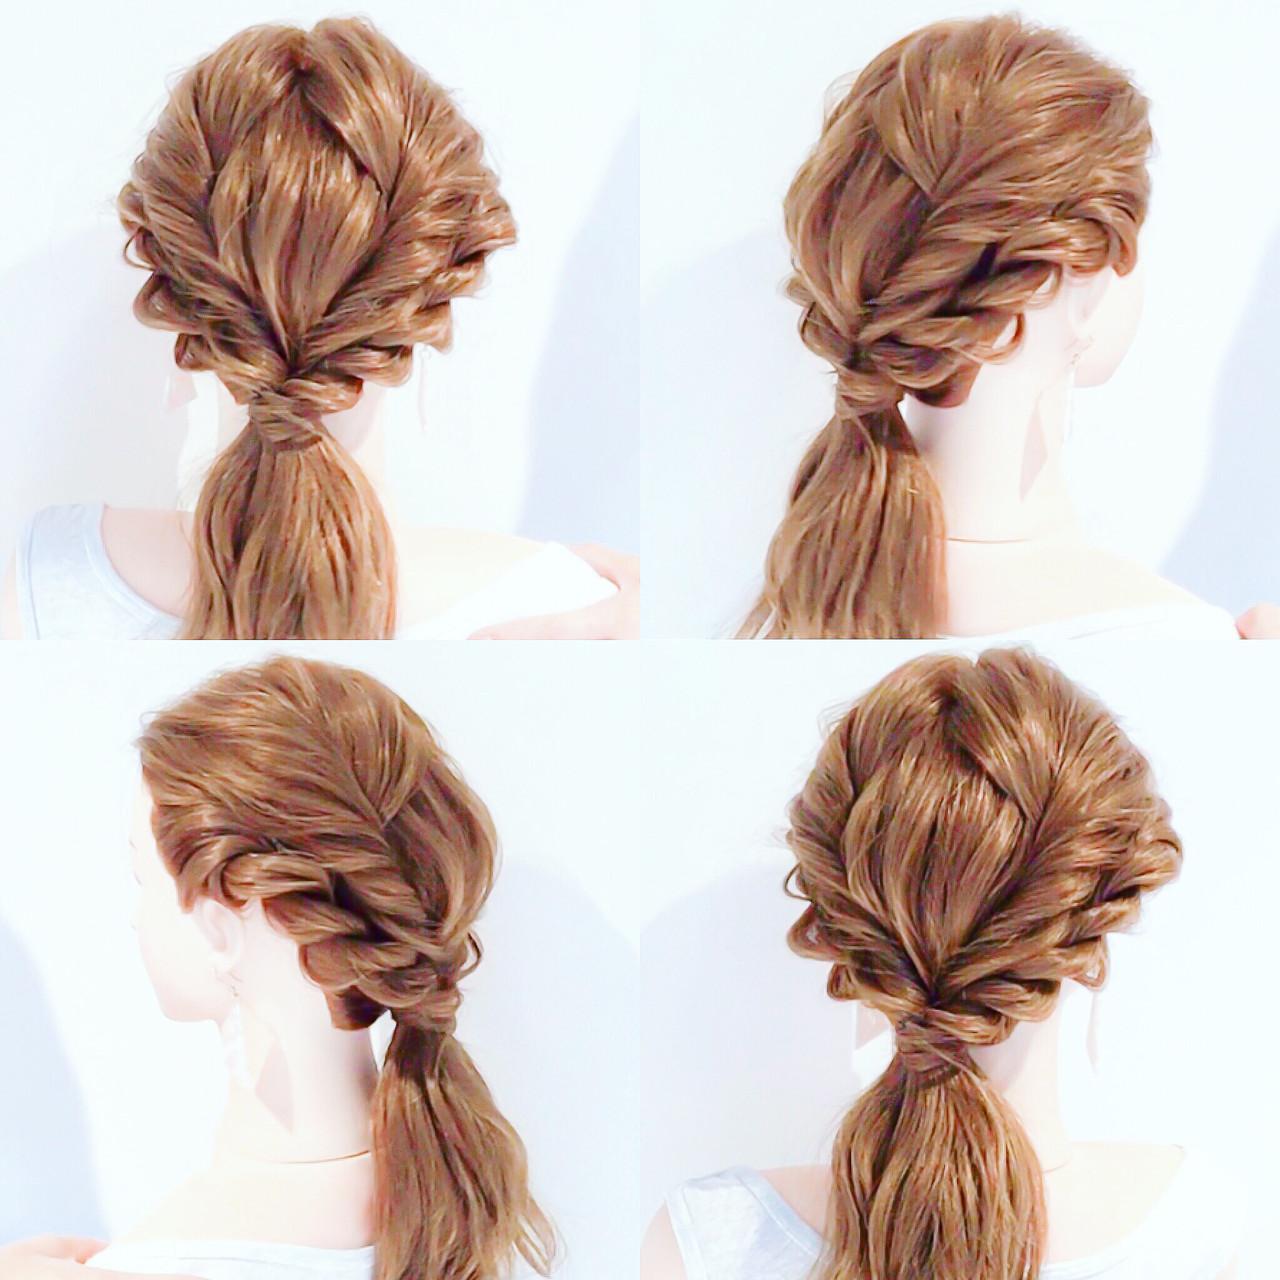 ロング フェミニン ローポニーテール ポニーテールアレンジ ヘアスタイルや髪型の写真・画像 | 美容師HIRO/Amoute代表 / Amoute/アムティ